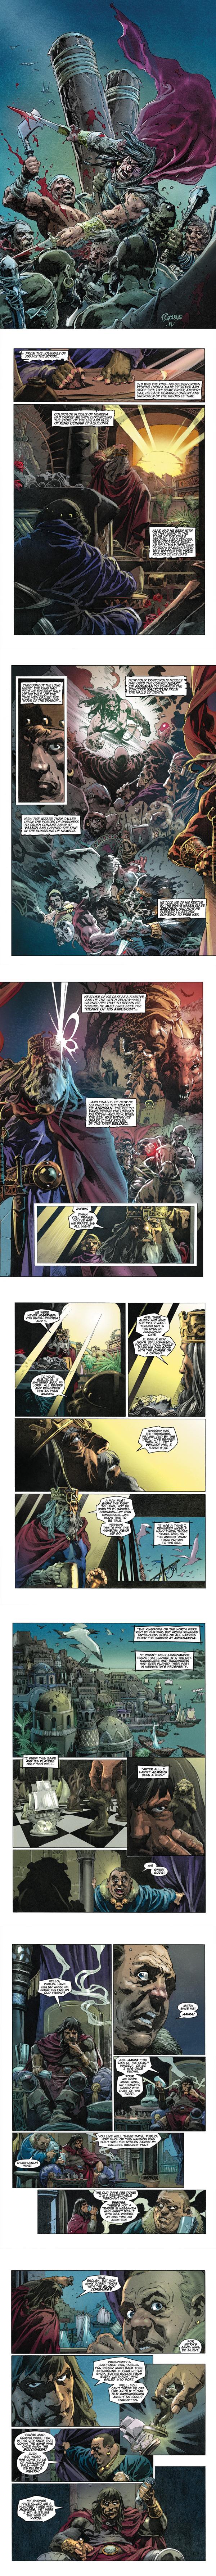 Dark Horse Preview: KING CONAN - The Conqueror #1